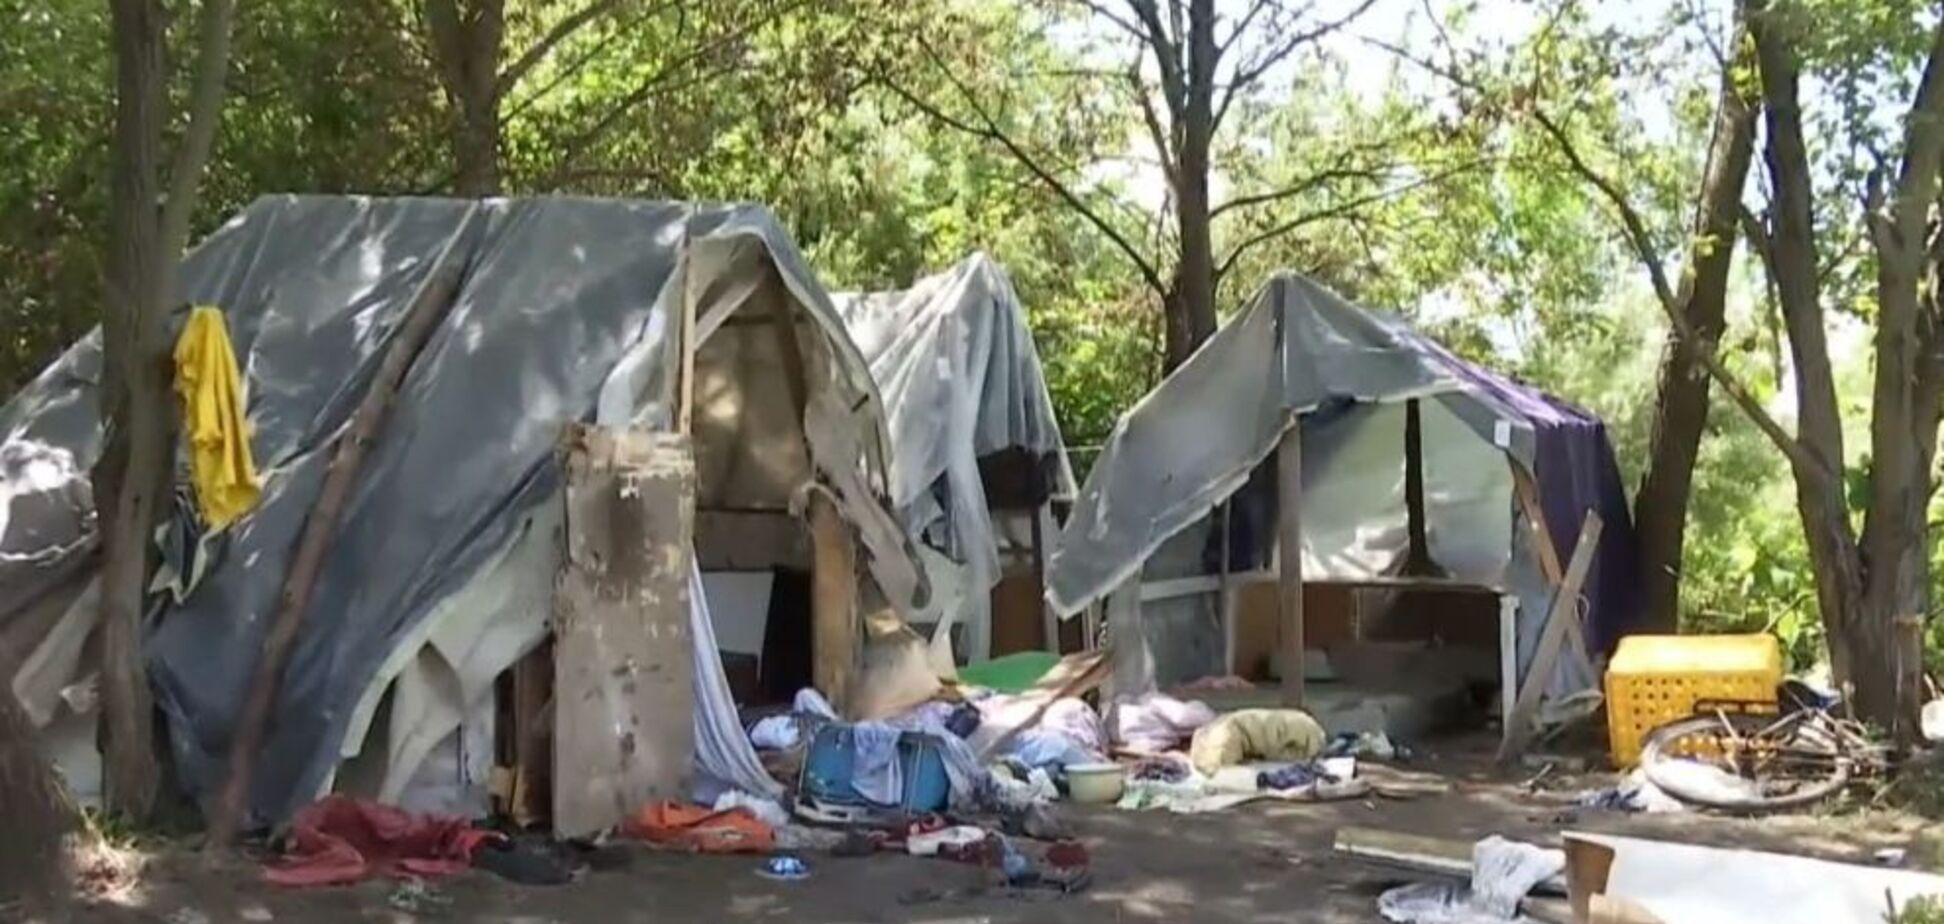 Різанина в таборі ромів у Львові: суд виніс рішення щодо підозрюваних